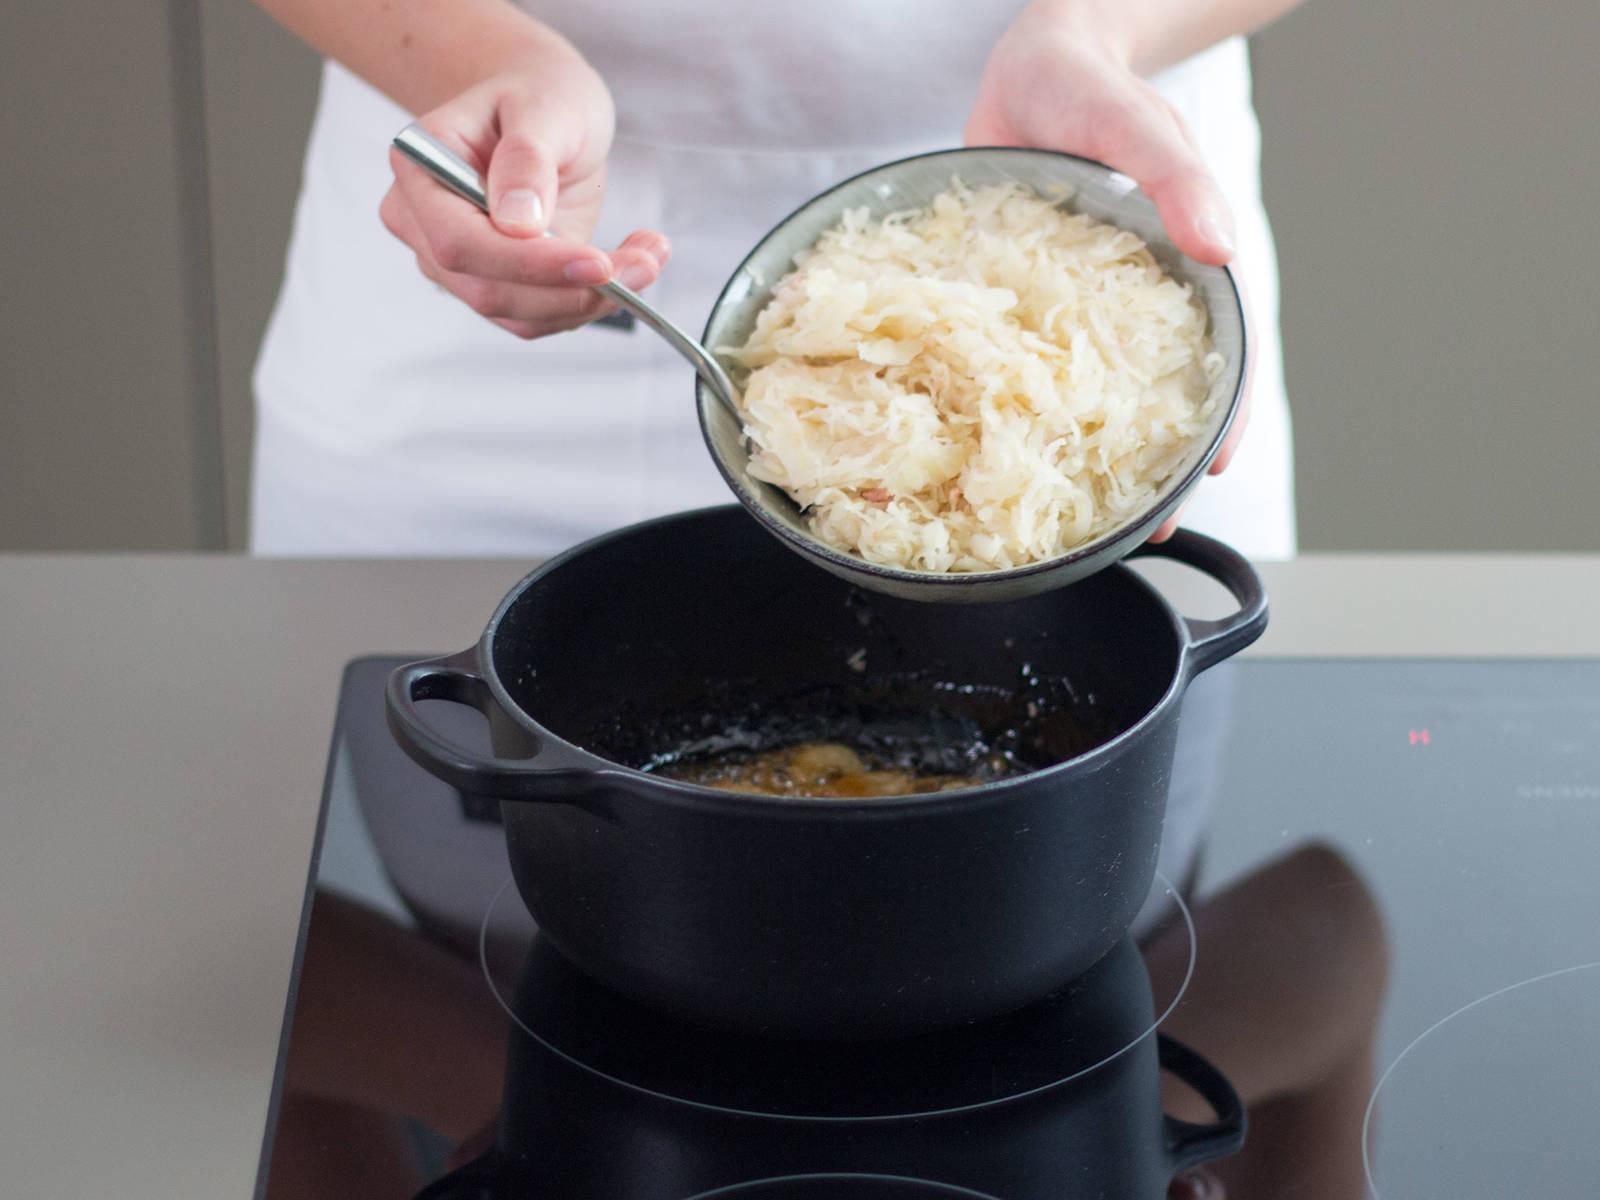 在大锅中将糖熔焦,然后加入洋葱圈。待洋葱变软并呈棕色时,加入酸菜,搅拌均匀。